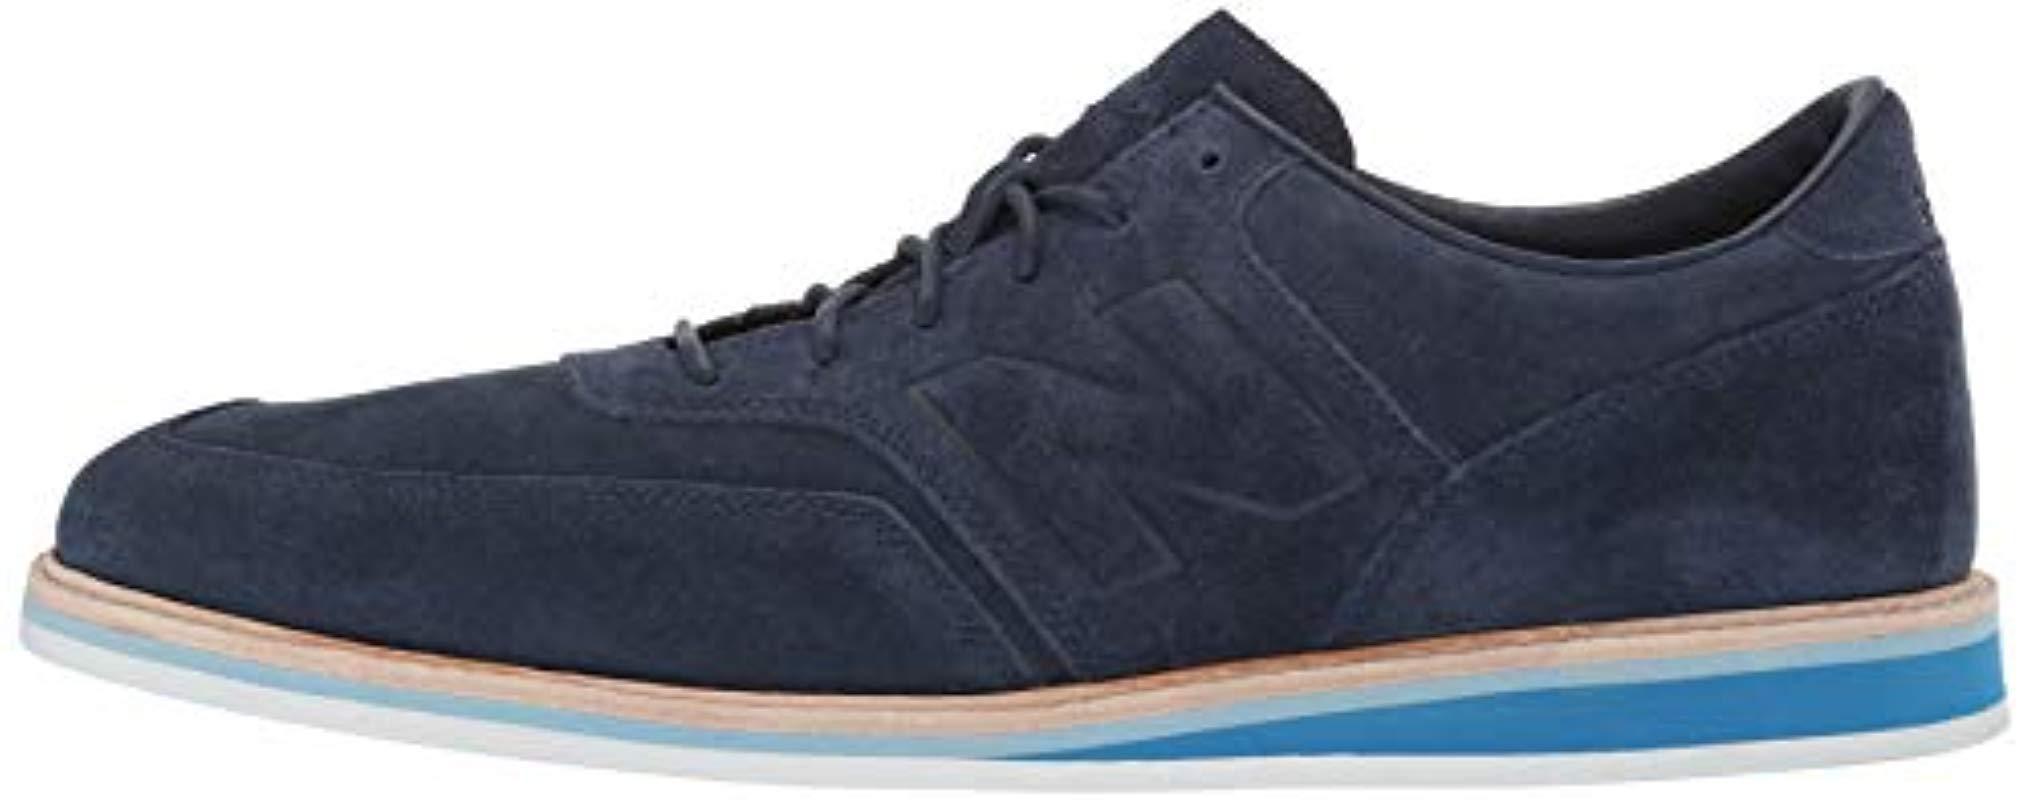 official shop new york best authentic Men's Blue 1100v1 Walking Shoe